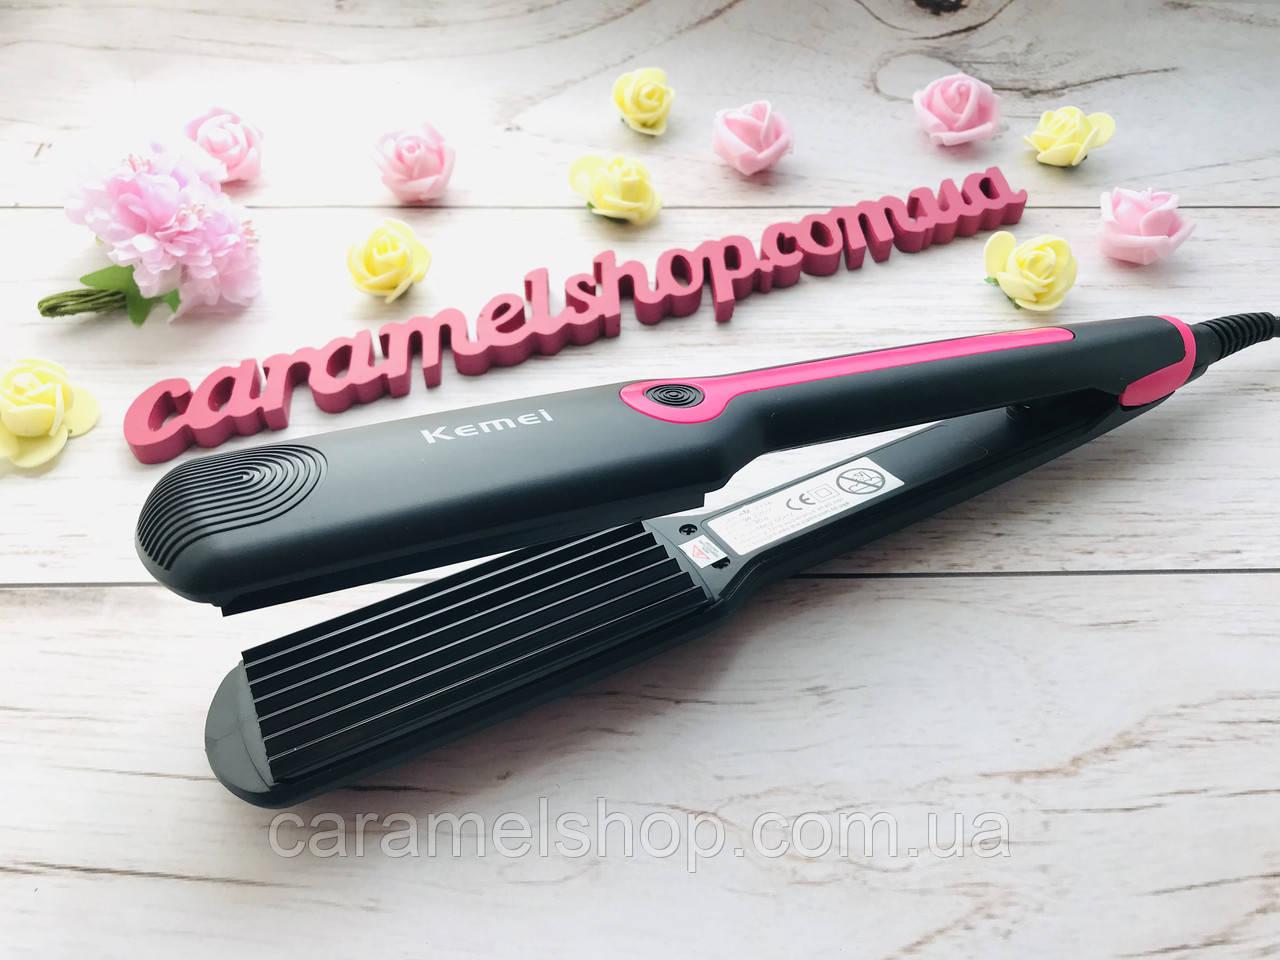 Плойка ГОФРЕ утюжок для волос Kemei KM 2116 керамика